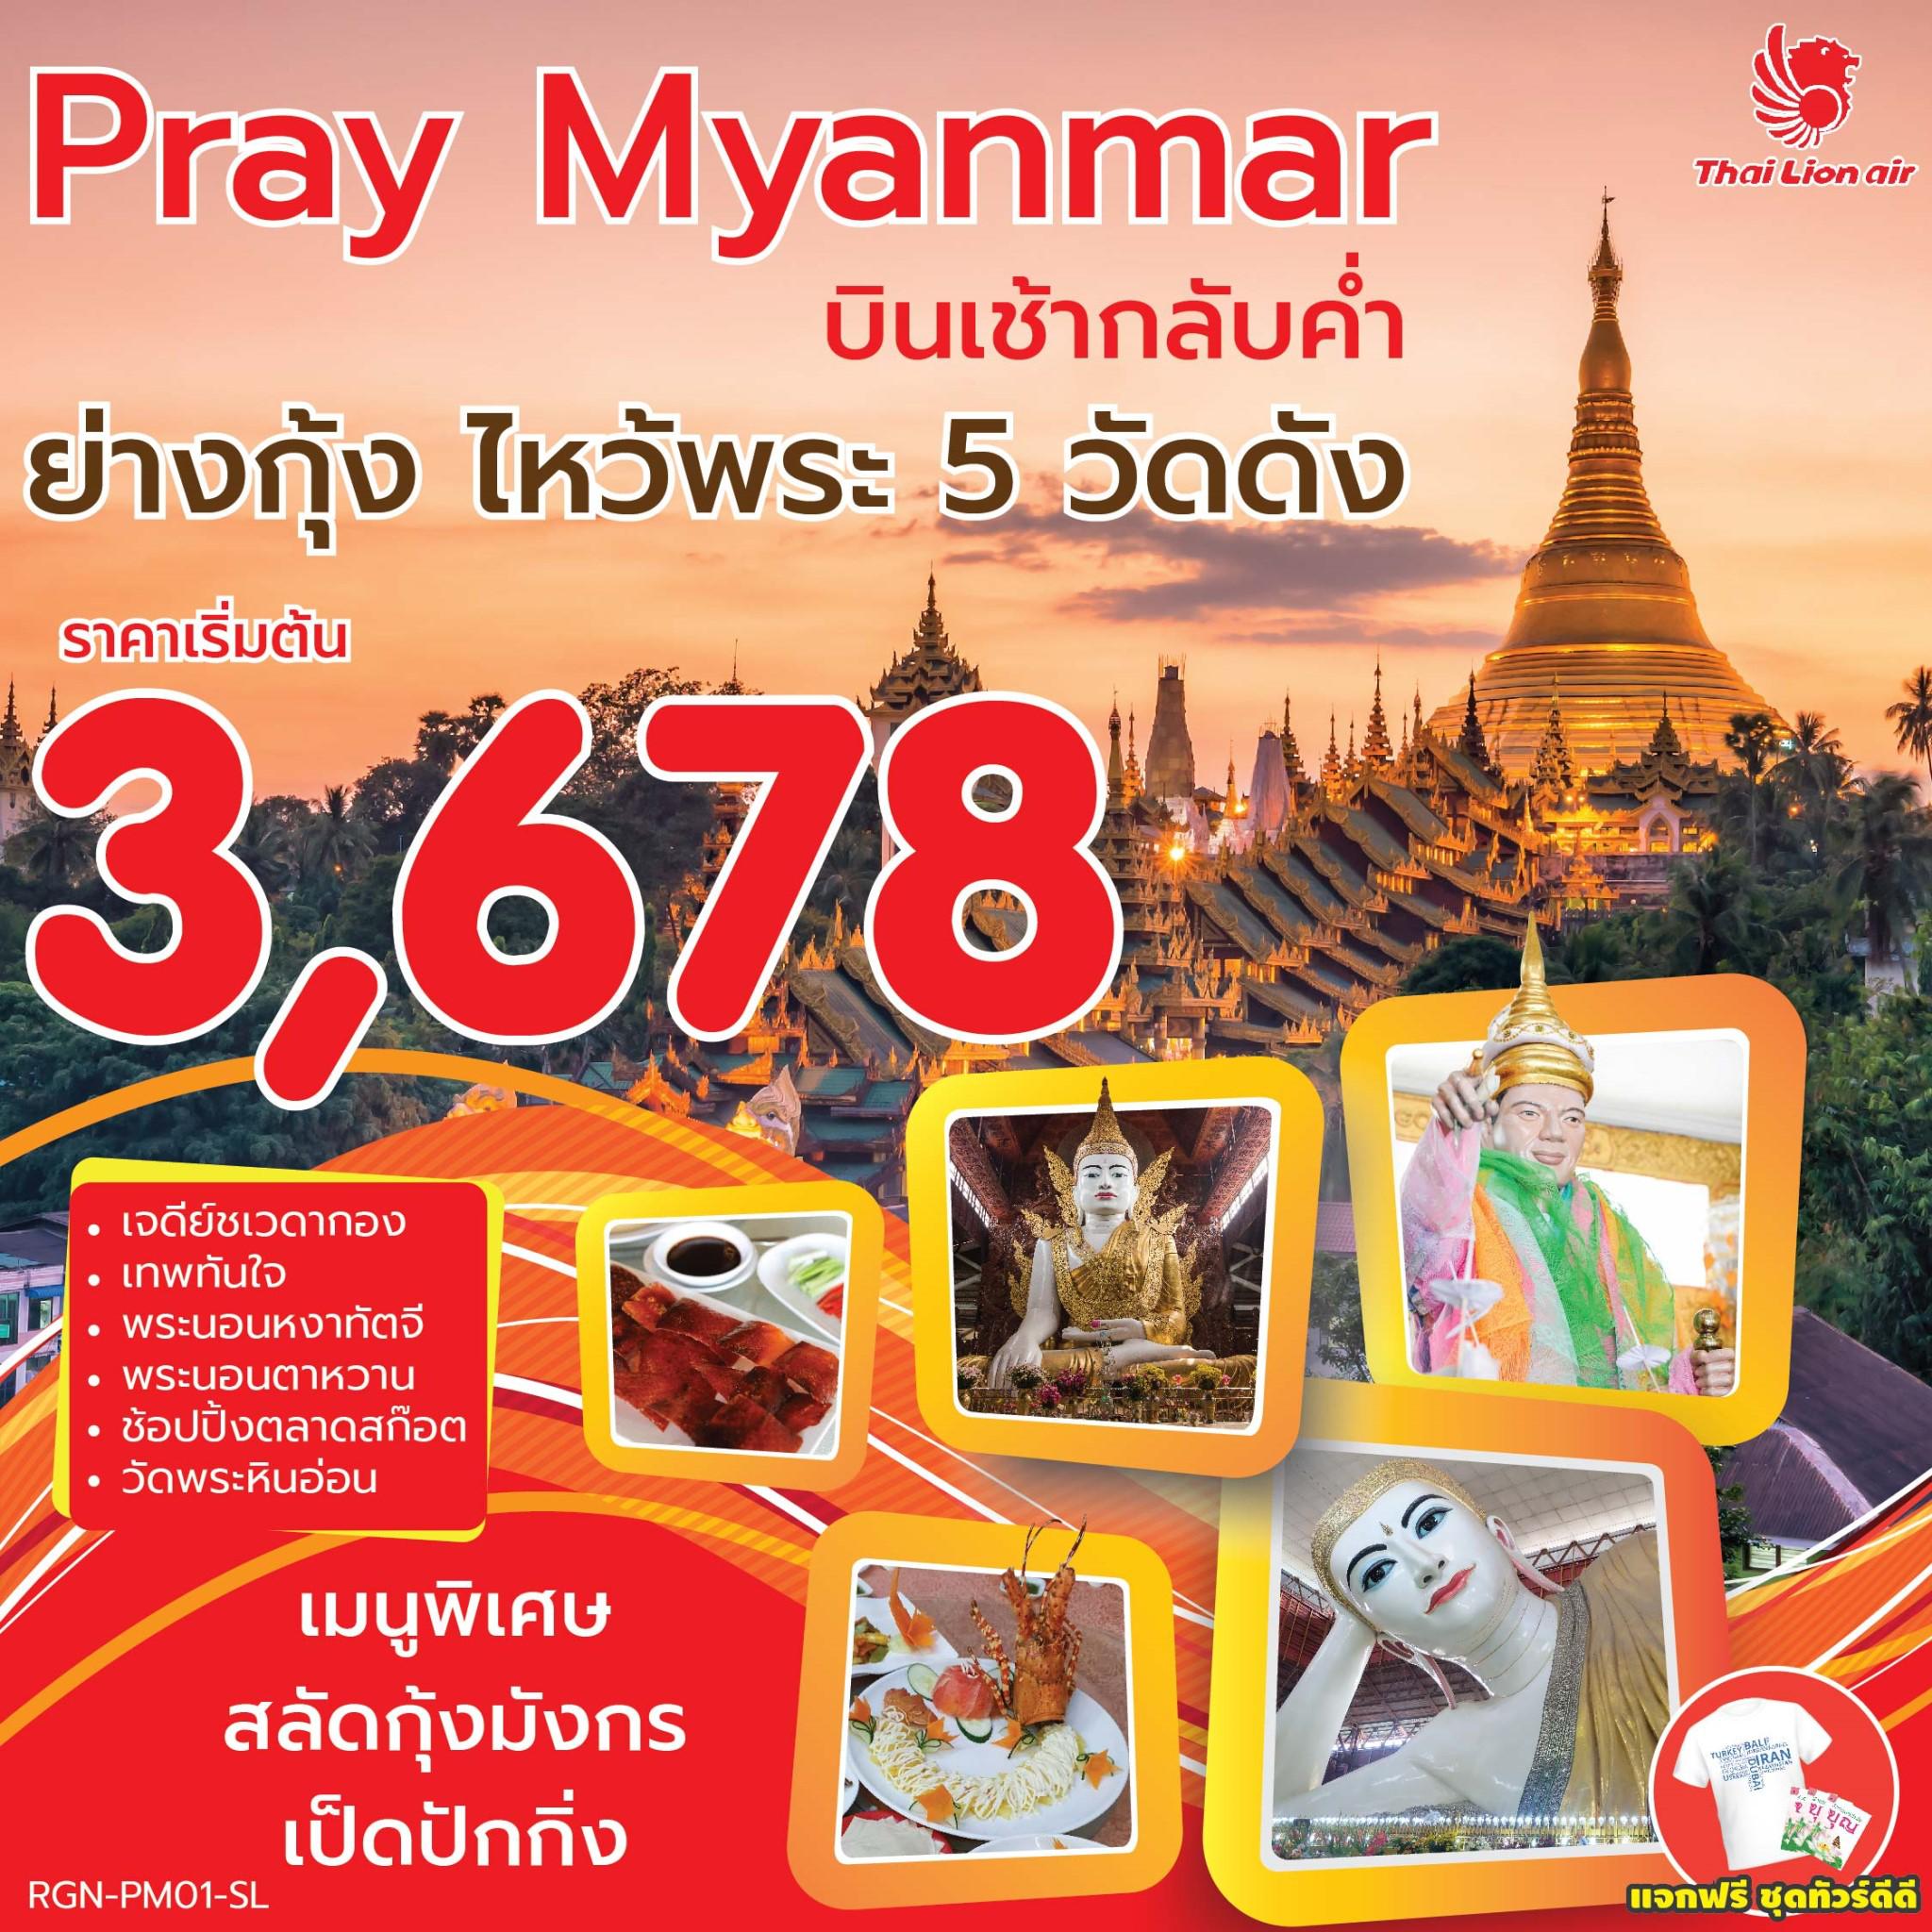 ทัวร์พม่า PRAY MYANMAR บินเช้า กลับค่ำ ย่างกุ้ง ไหว้พระ 5 วัดดัง 1 วัน SL (PRVC)